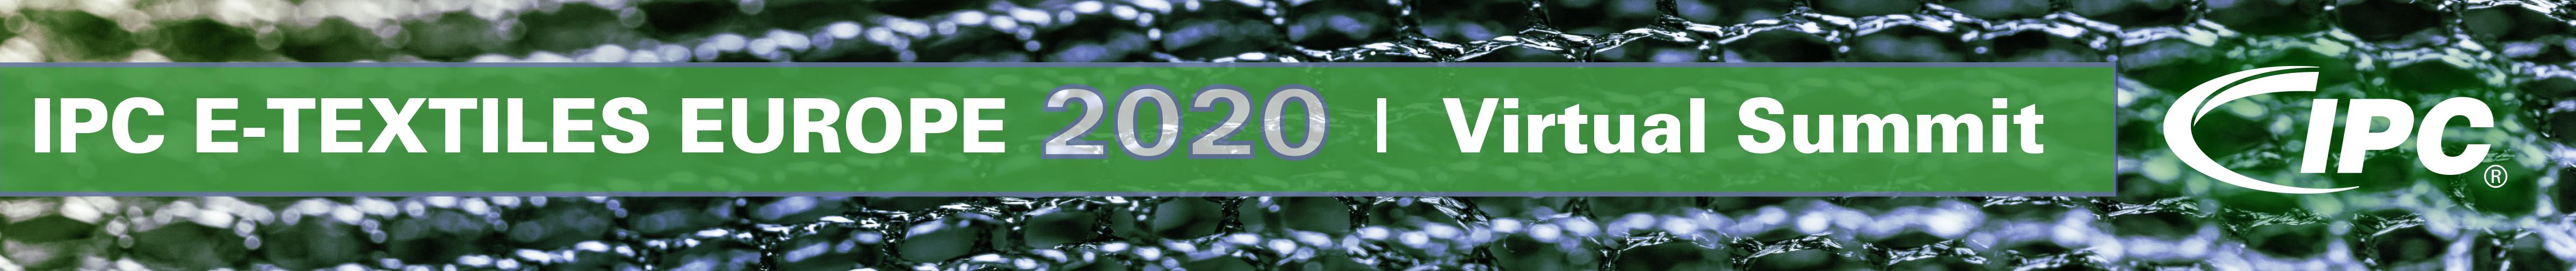 IPC E-Textiles Europe 2020     Virtual Summit